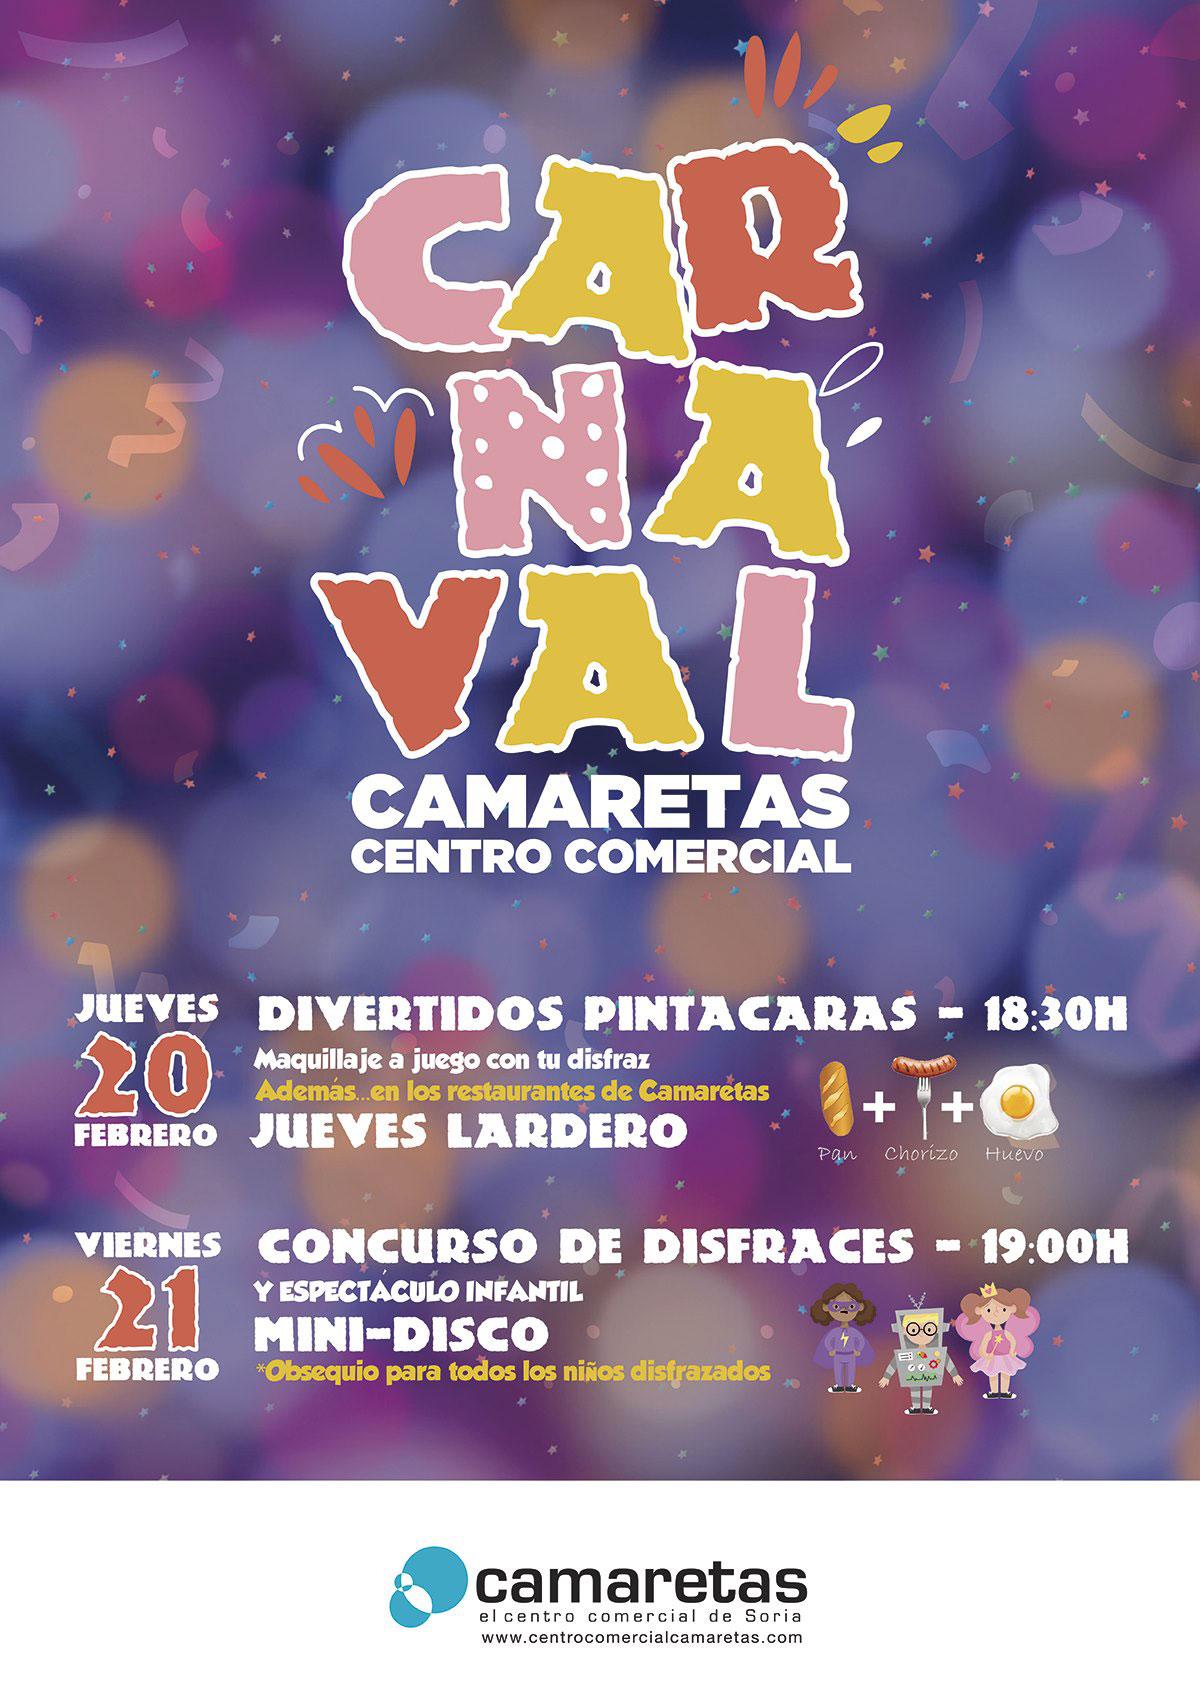 Carnaval en Camaretas